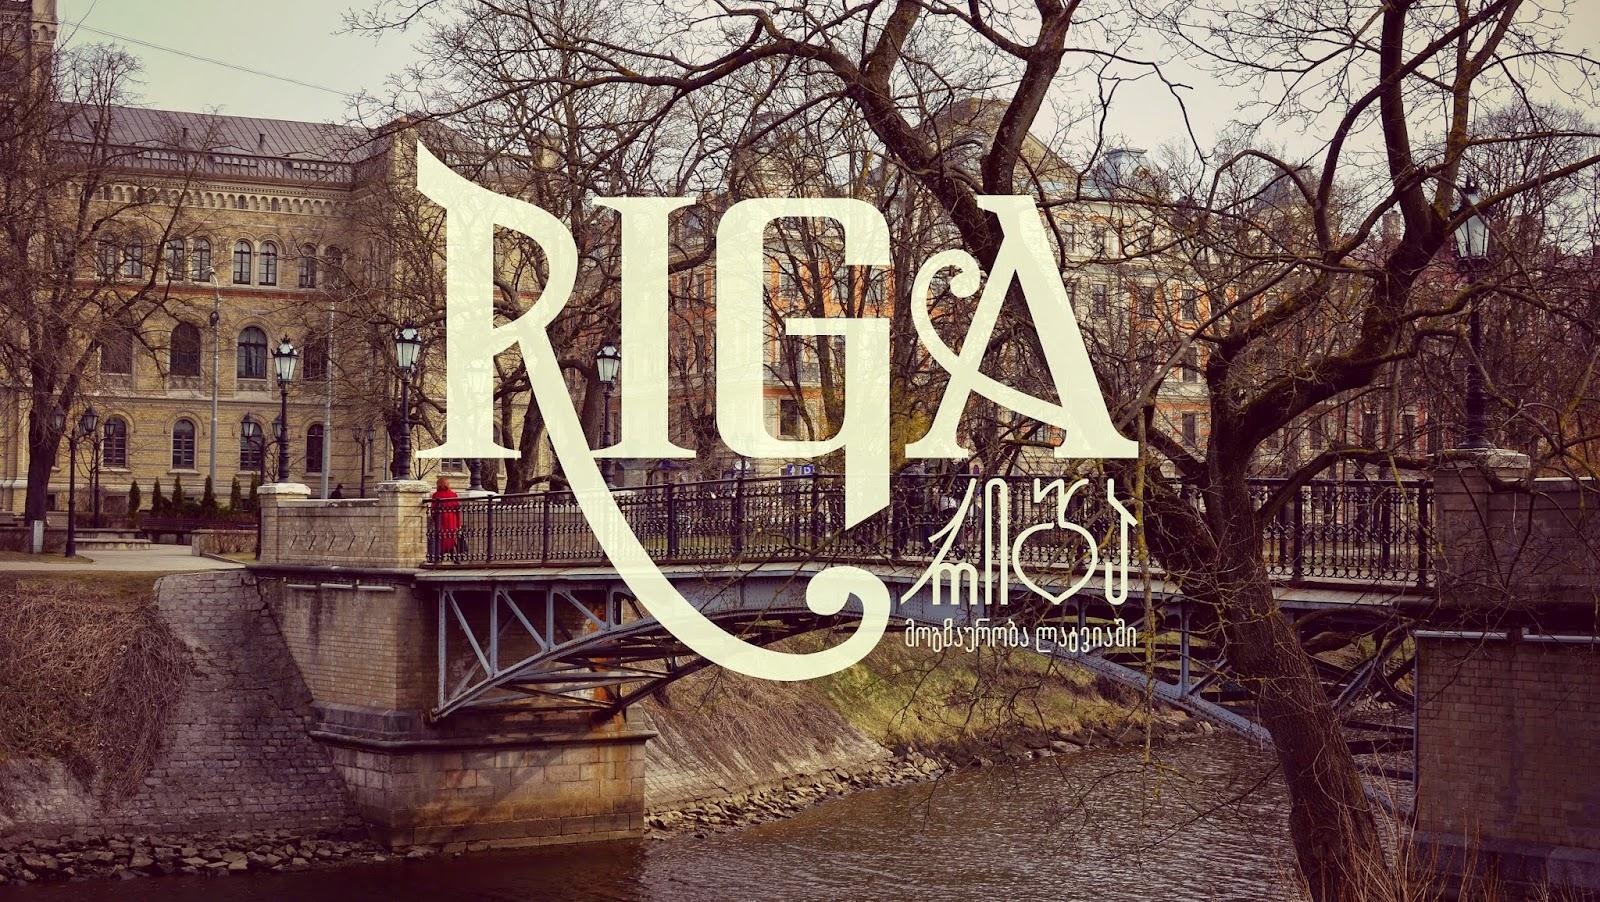 გამომყევი სამოგზაუროდ რიგის ქუჩებში  journey through the streets of Riga